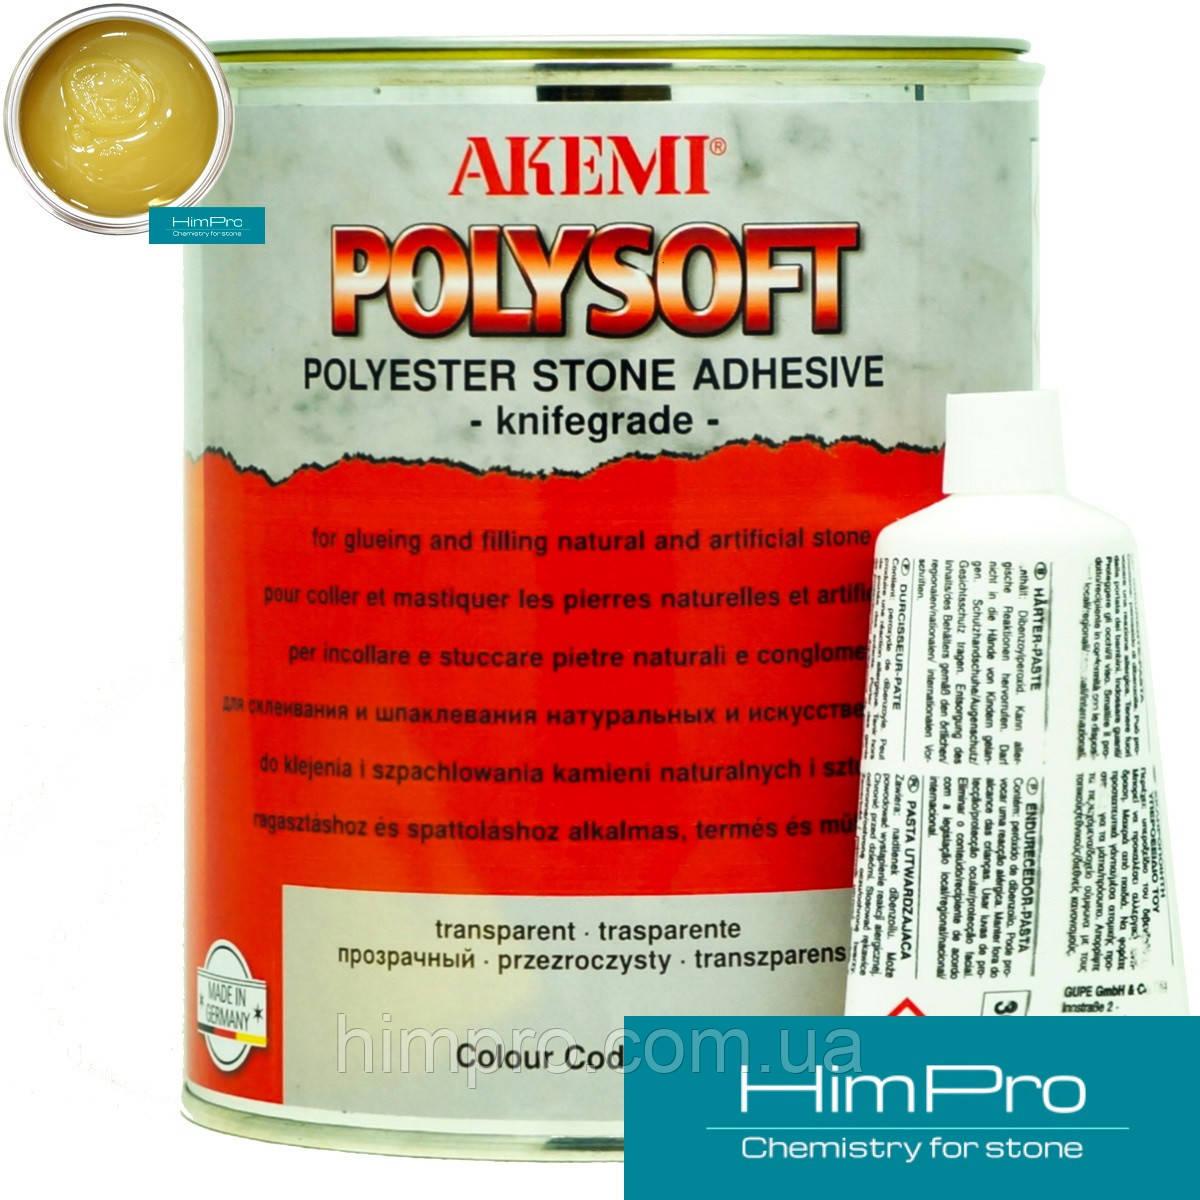 POLYSOFT Akemi Полиэфирный двух-компонентный клей геле-образный (медок 1кг) Акеми